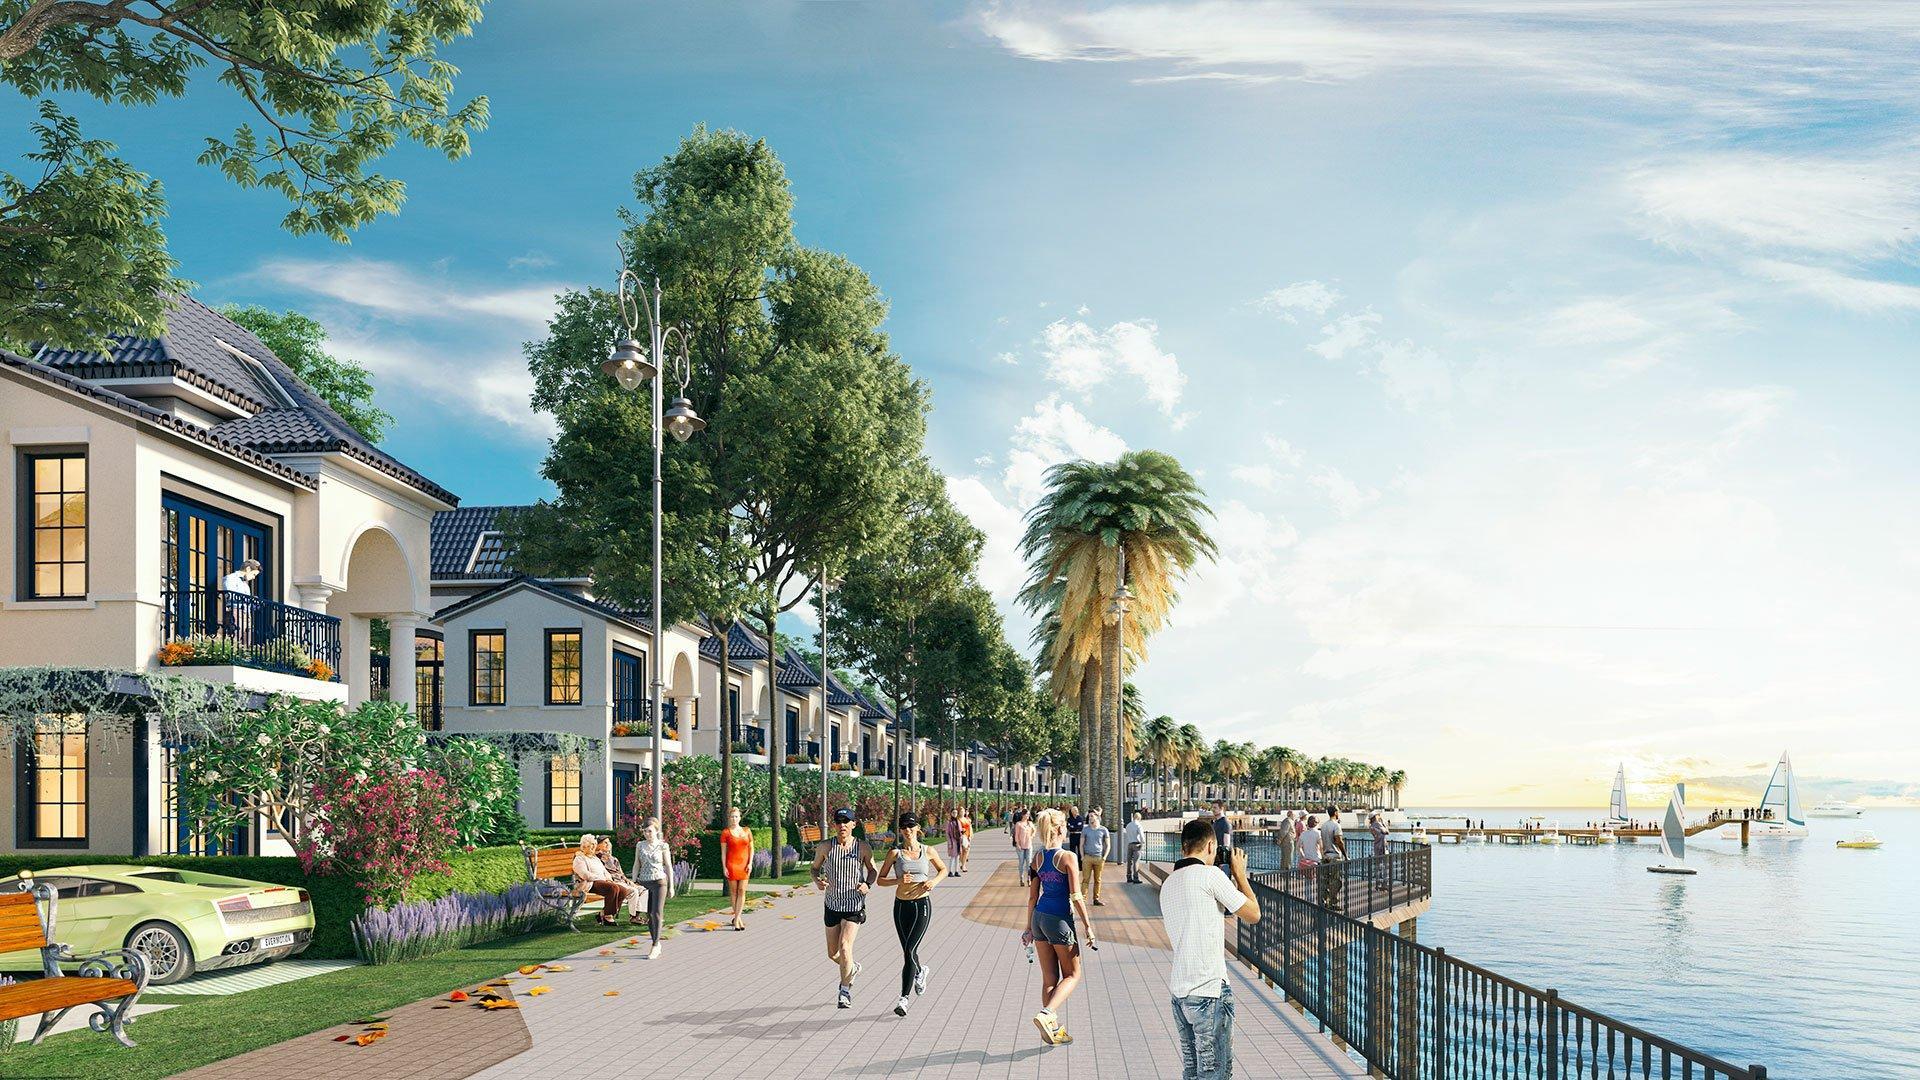 Bất động sản biển với tiện ích cao cấp ngay trung tâm TP Hà Tiên đang là đích đến của giới nhà giàu miền Tây.